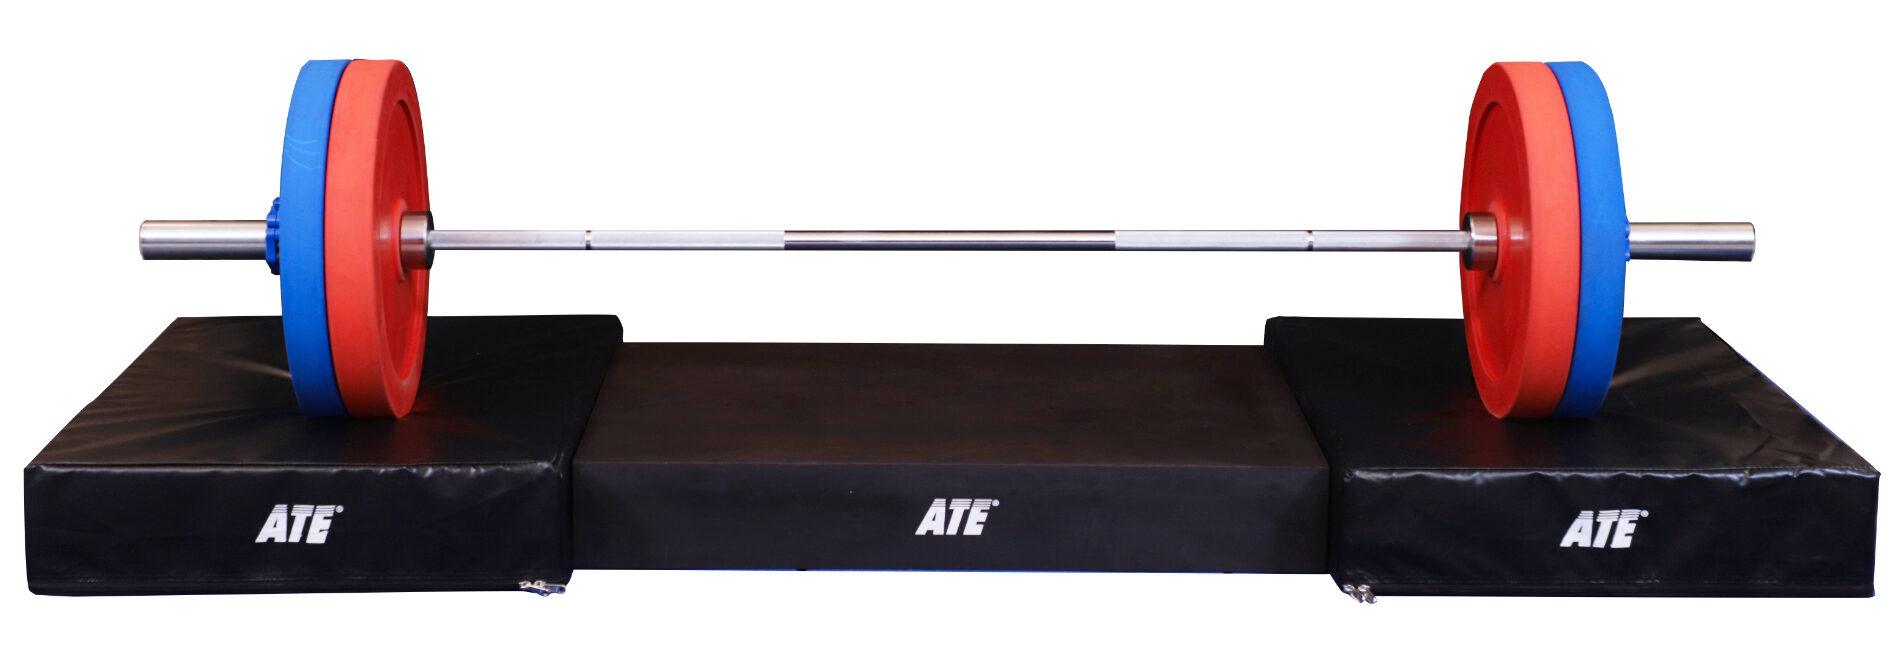 ATE Crossfit Drop Bags